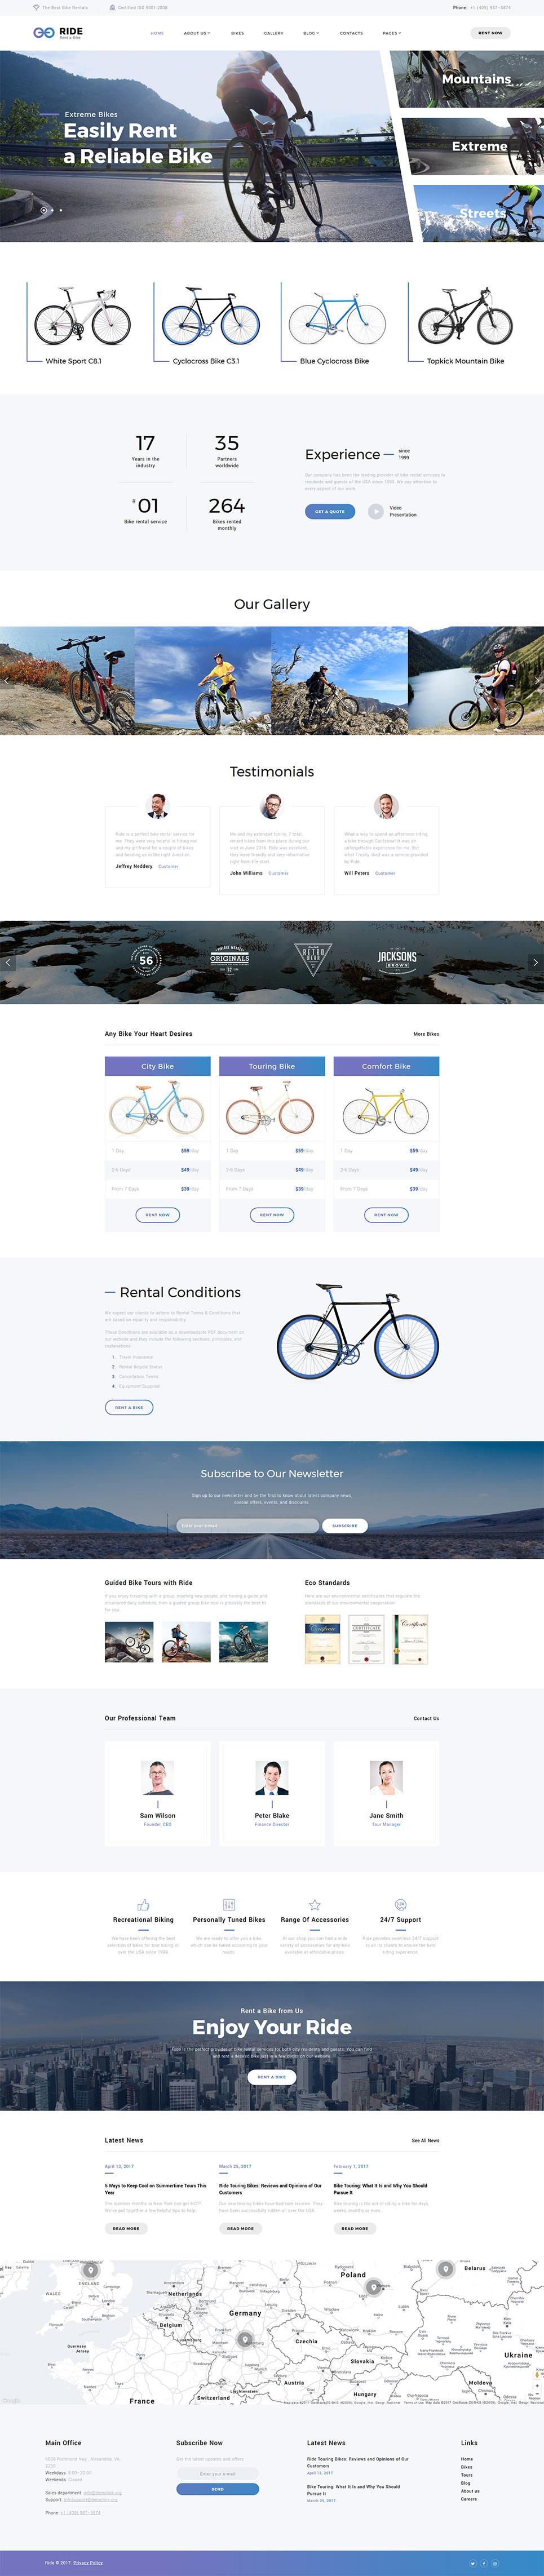 bike shop responsive website templates. Black Bedroom Furniture Sets. Home Design Ideas